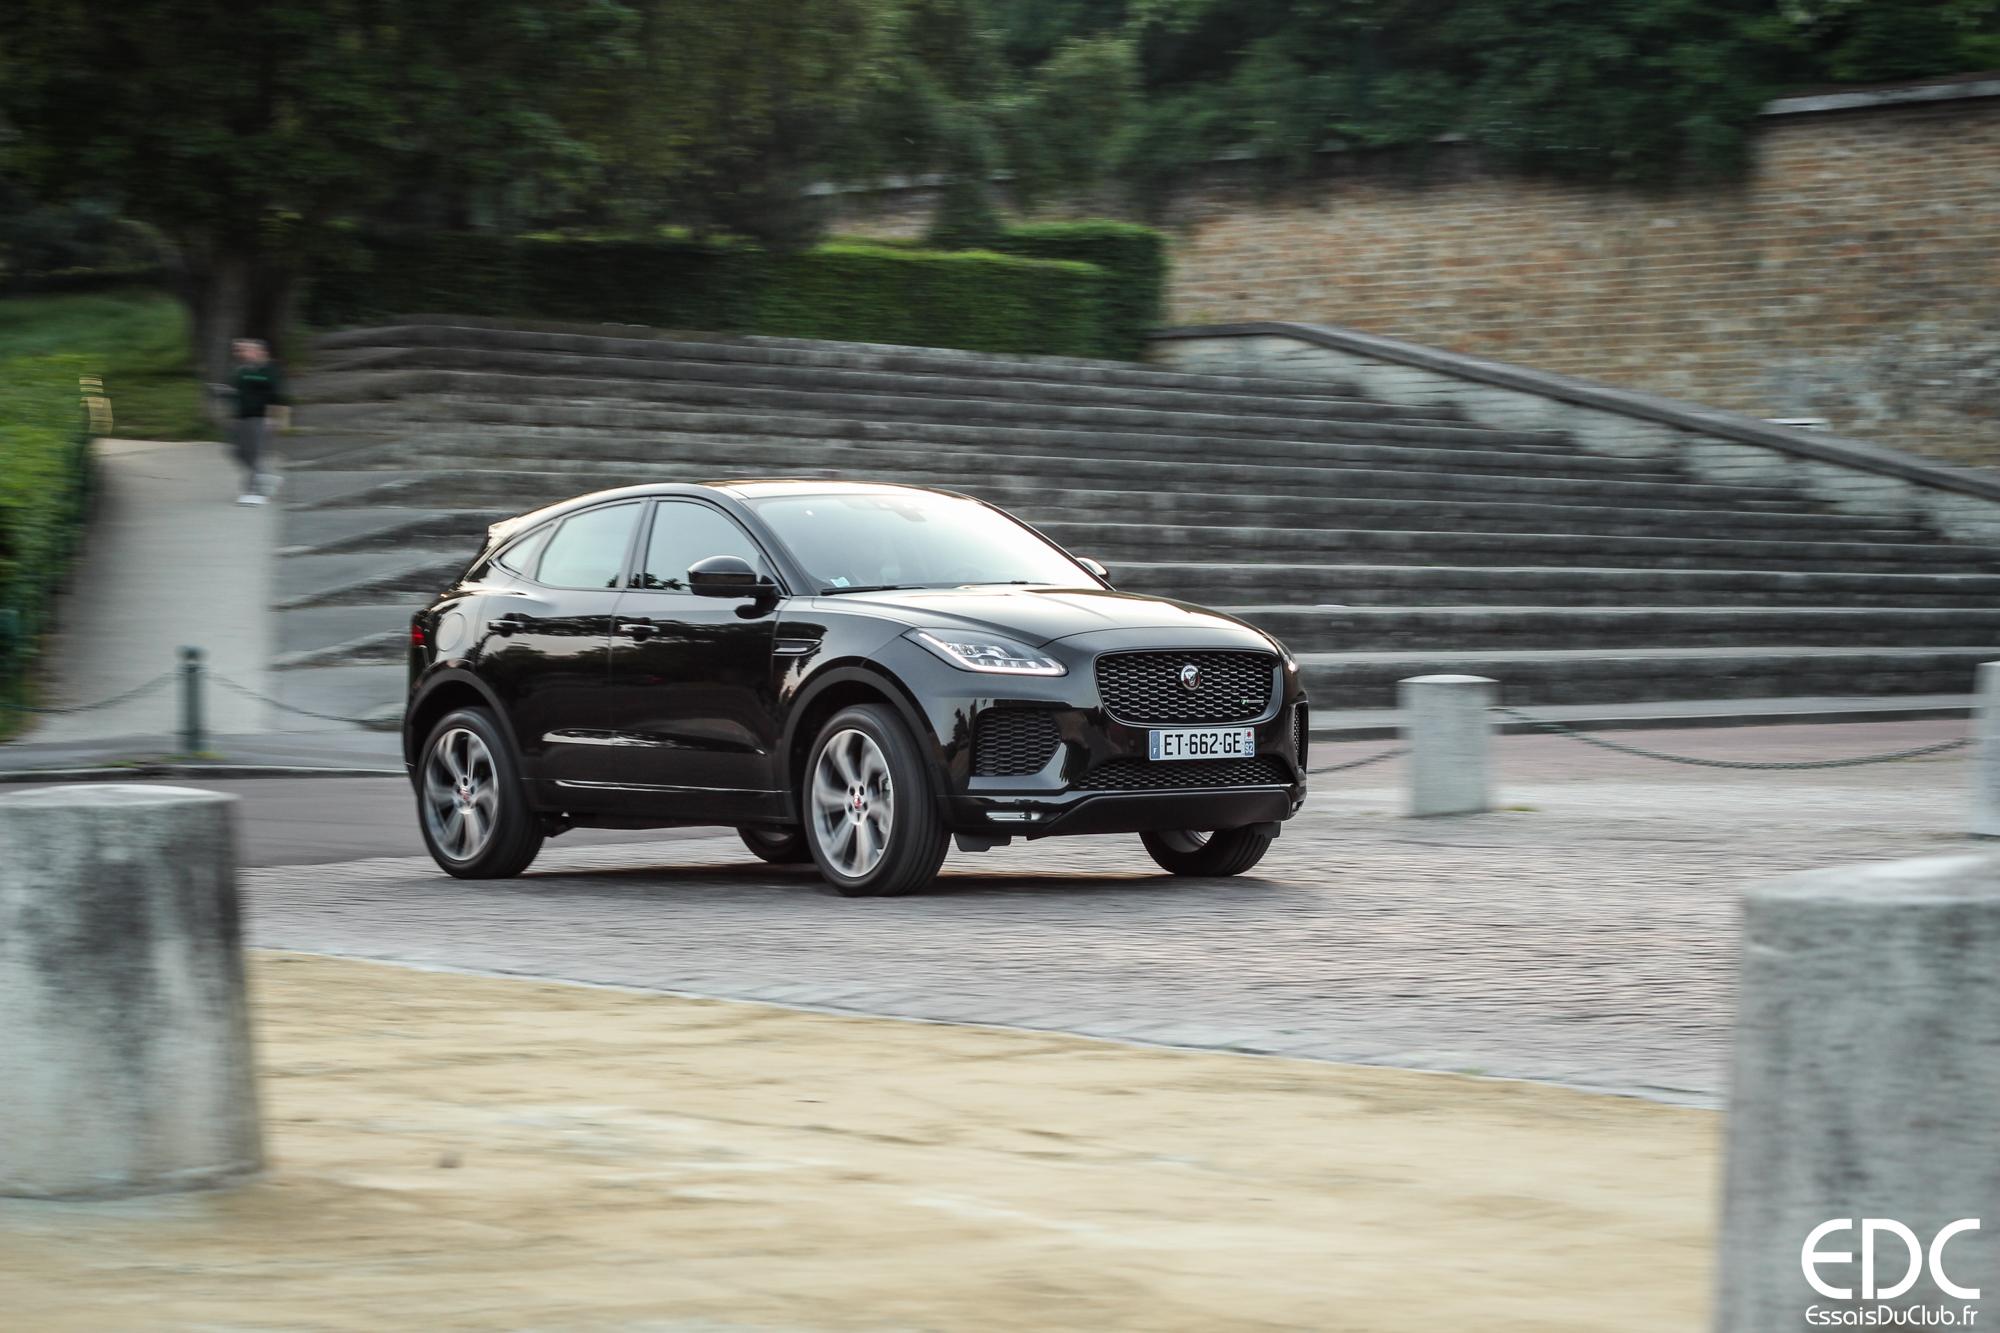 Jaguar E-PACE dynamique Meudon